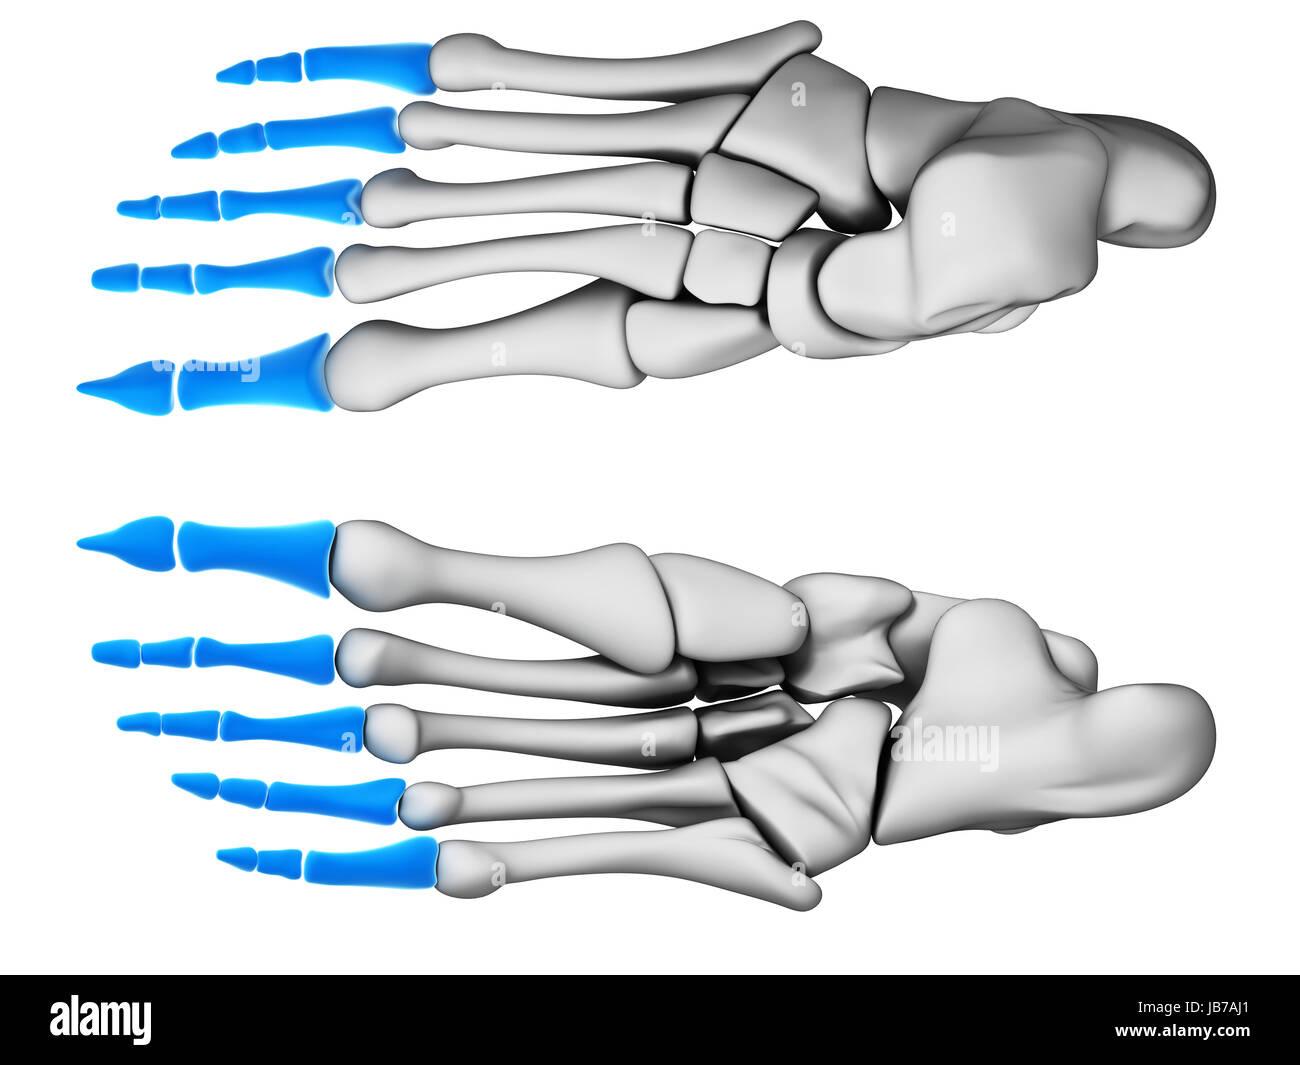 3d rendered illustration - phalanges - Stock Image